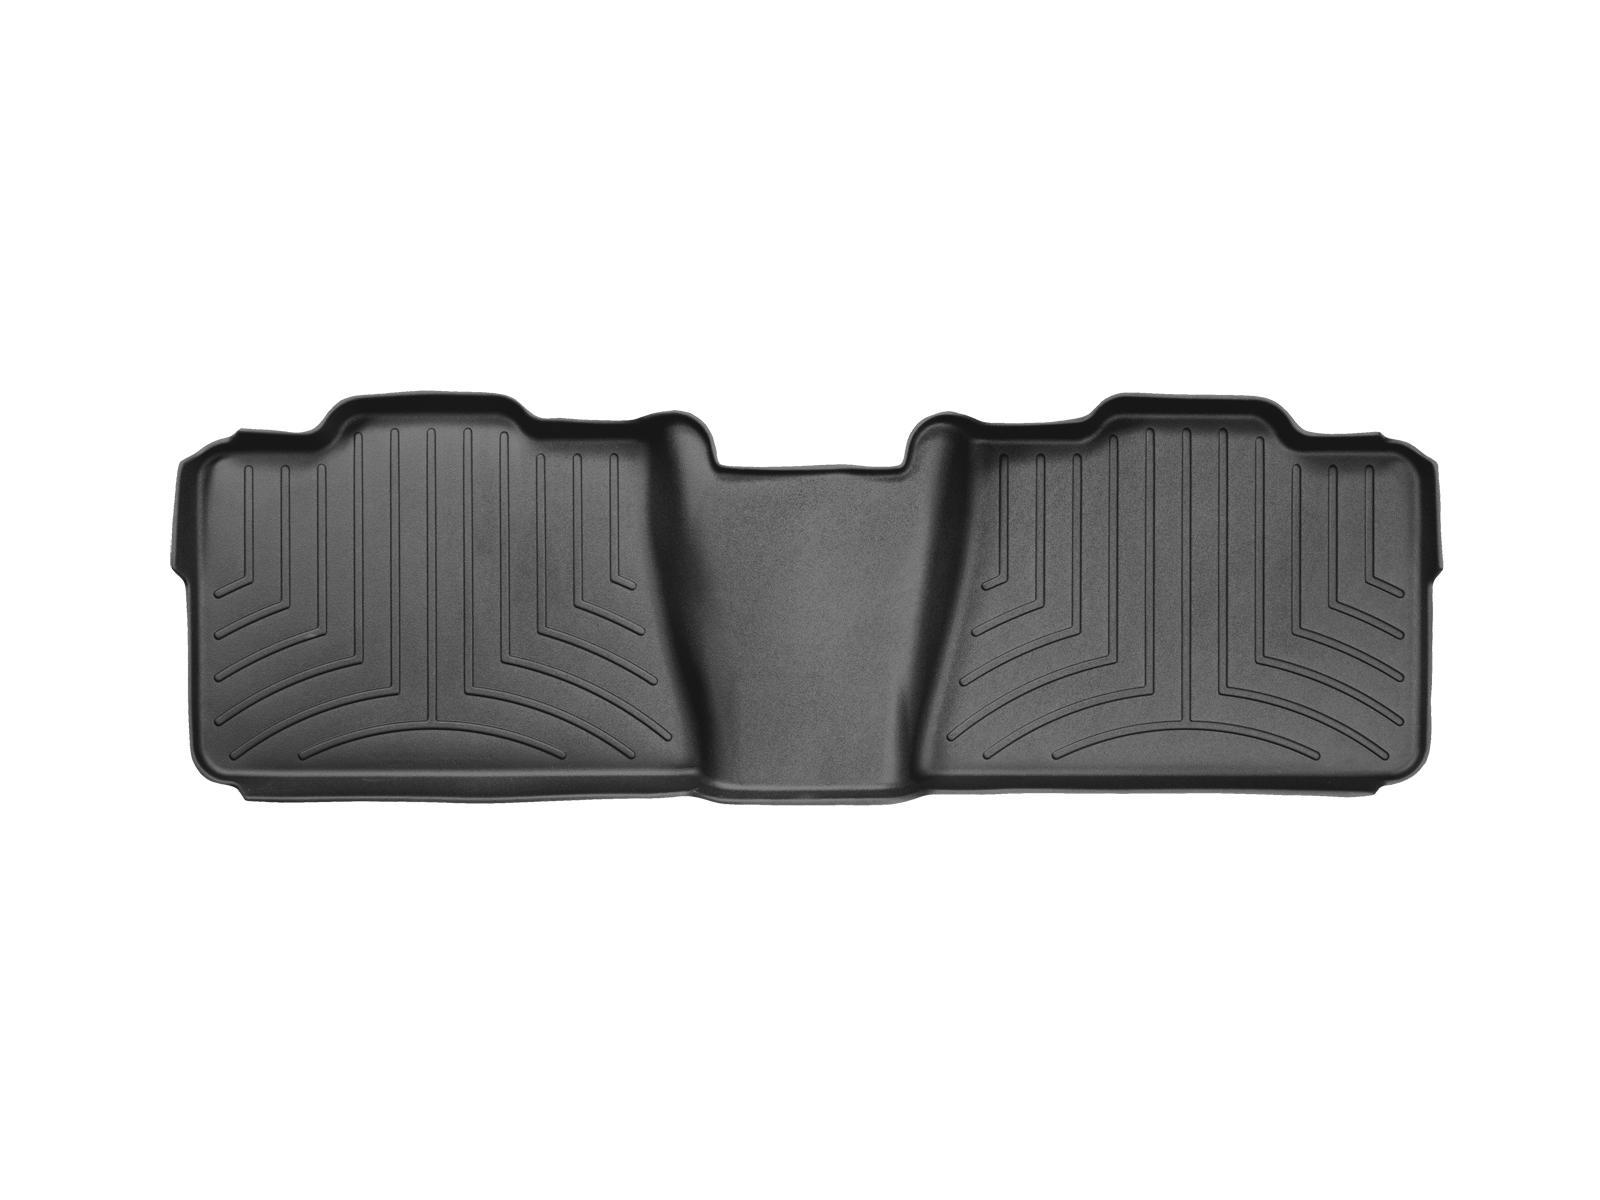 Tappeti gomma su misura bordo alto Ford Explorer 06>10 Nero A858*